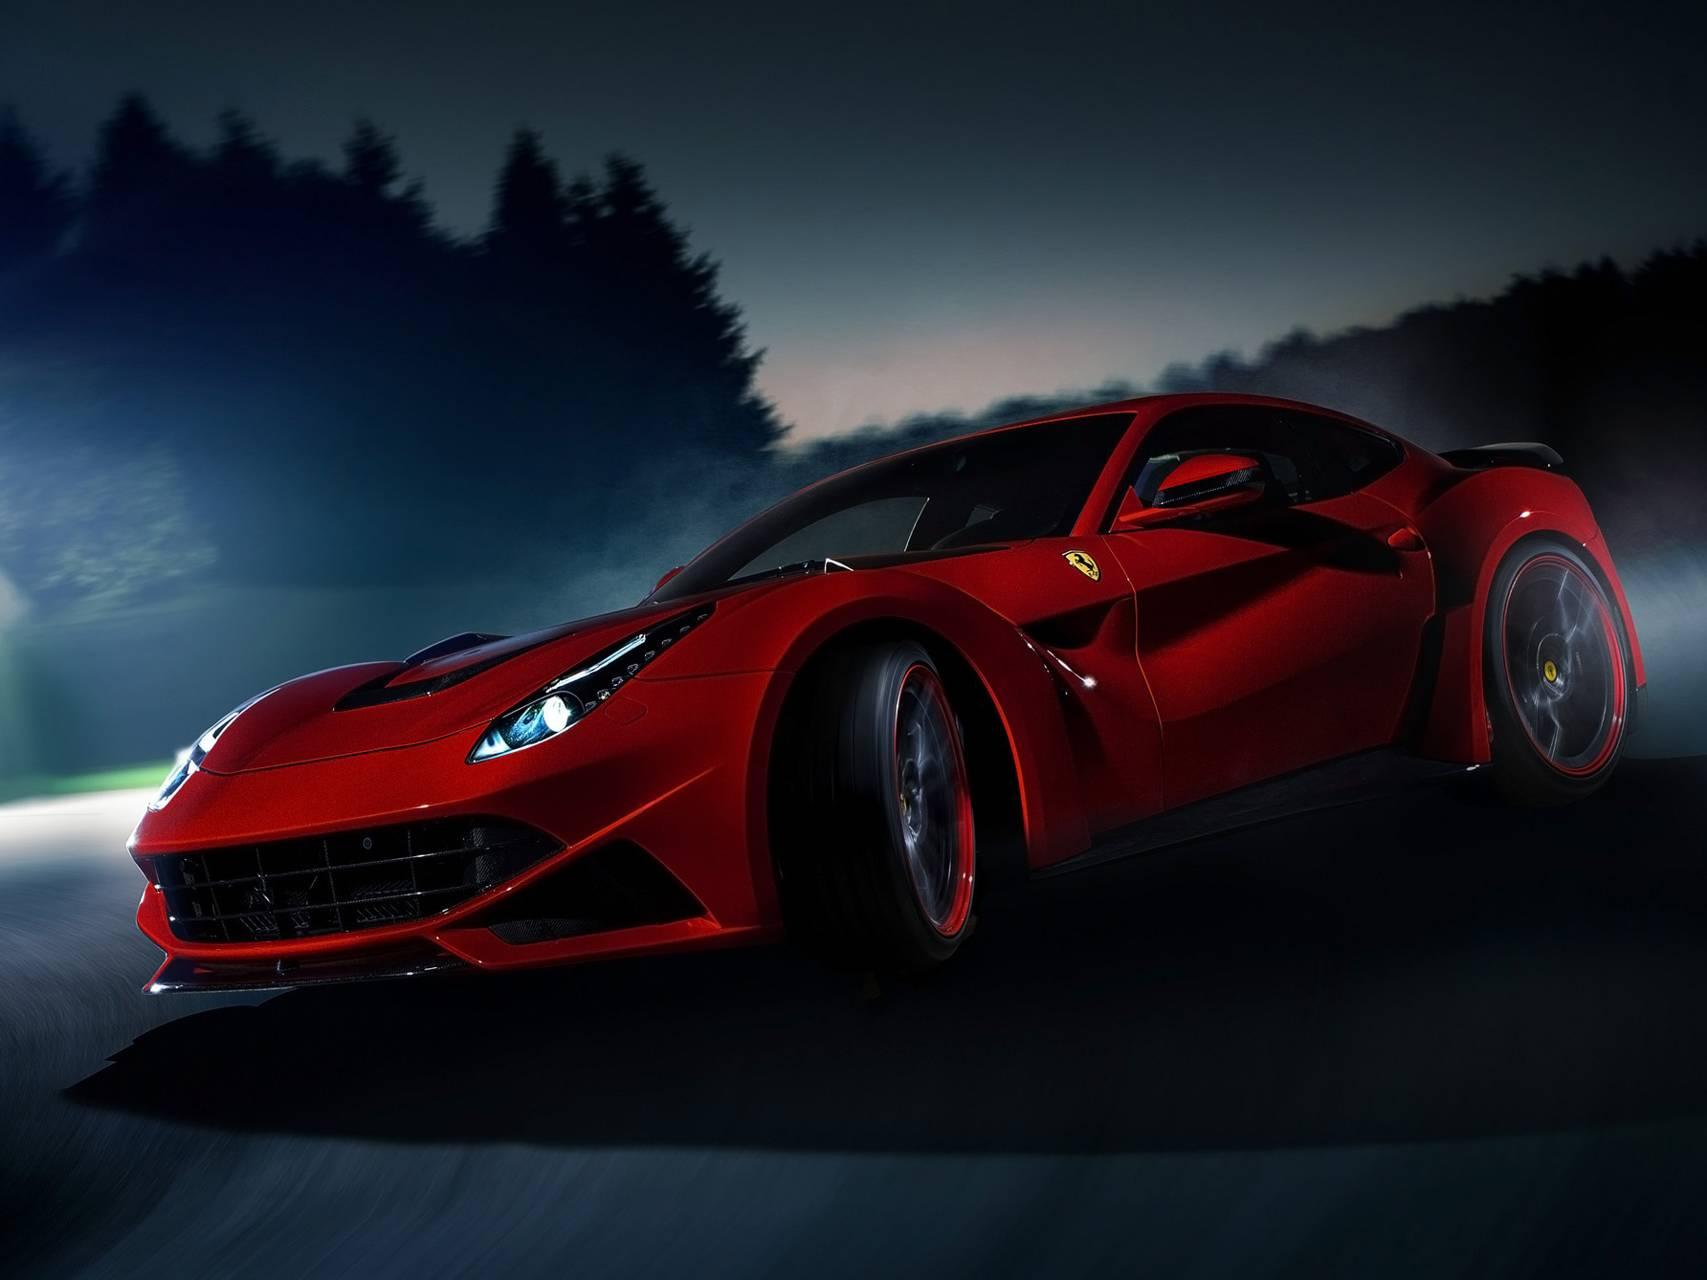 Ferrari f12 HD